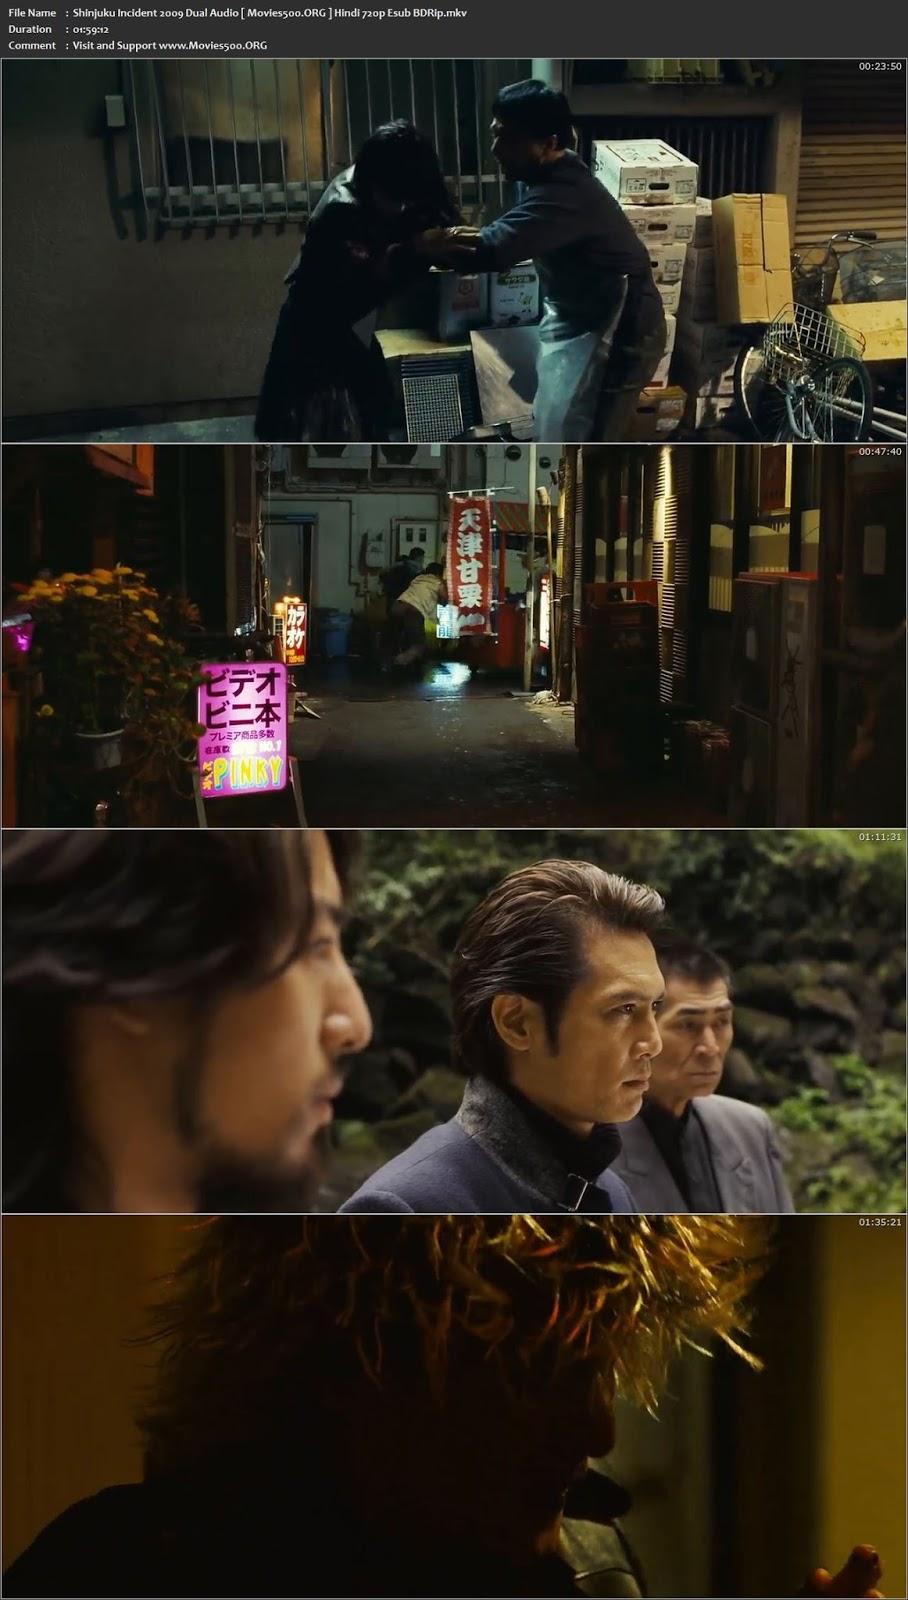 Shinjuku Incident 2009 Dual Audio Hindi BDRip 720p ESubs at movies500.info